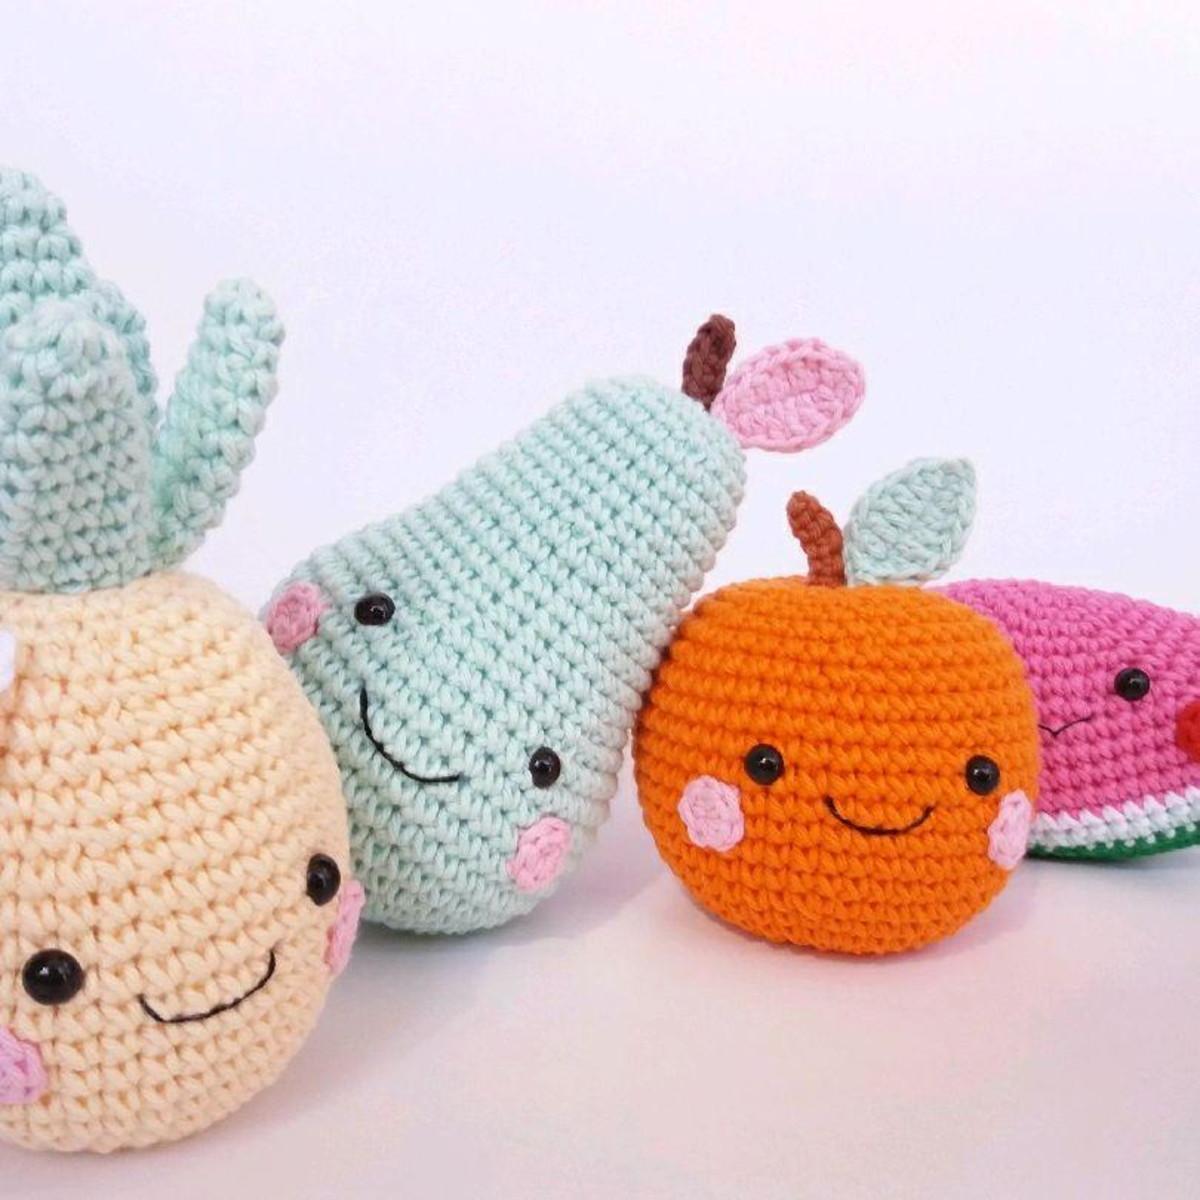 Bill the Pineapple amigurumi crochet pattern by @hookabee | Frutas ... | 1200x1200